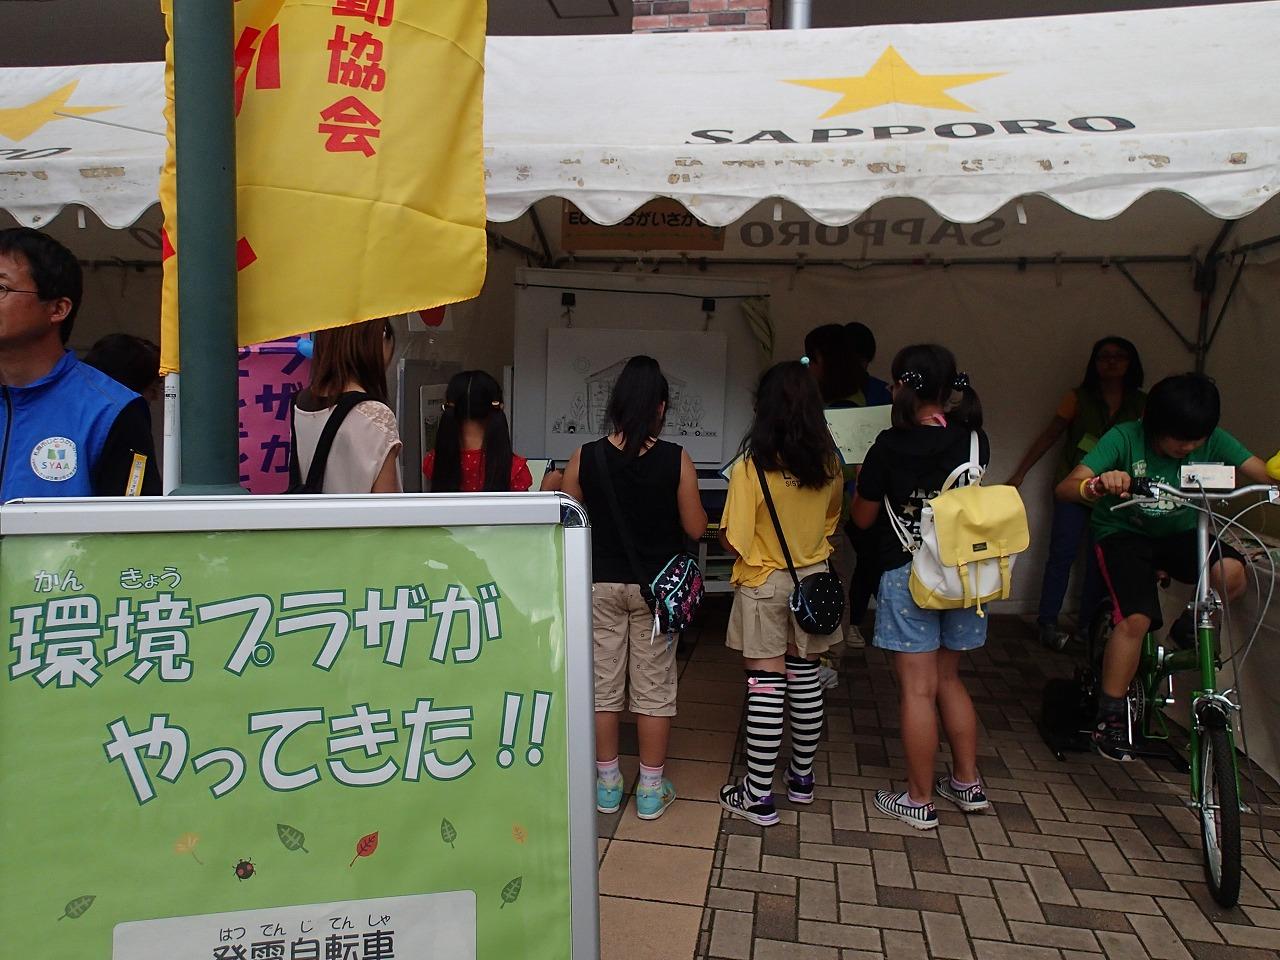 https://www.kankyo.sl-plaza.jp/blog/higasiku01.jpg